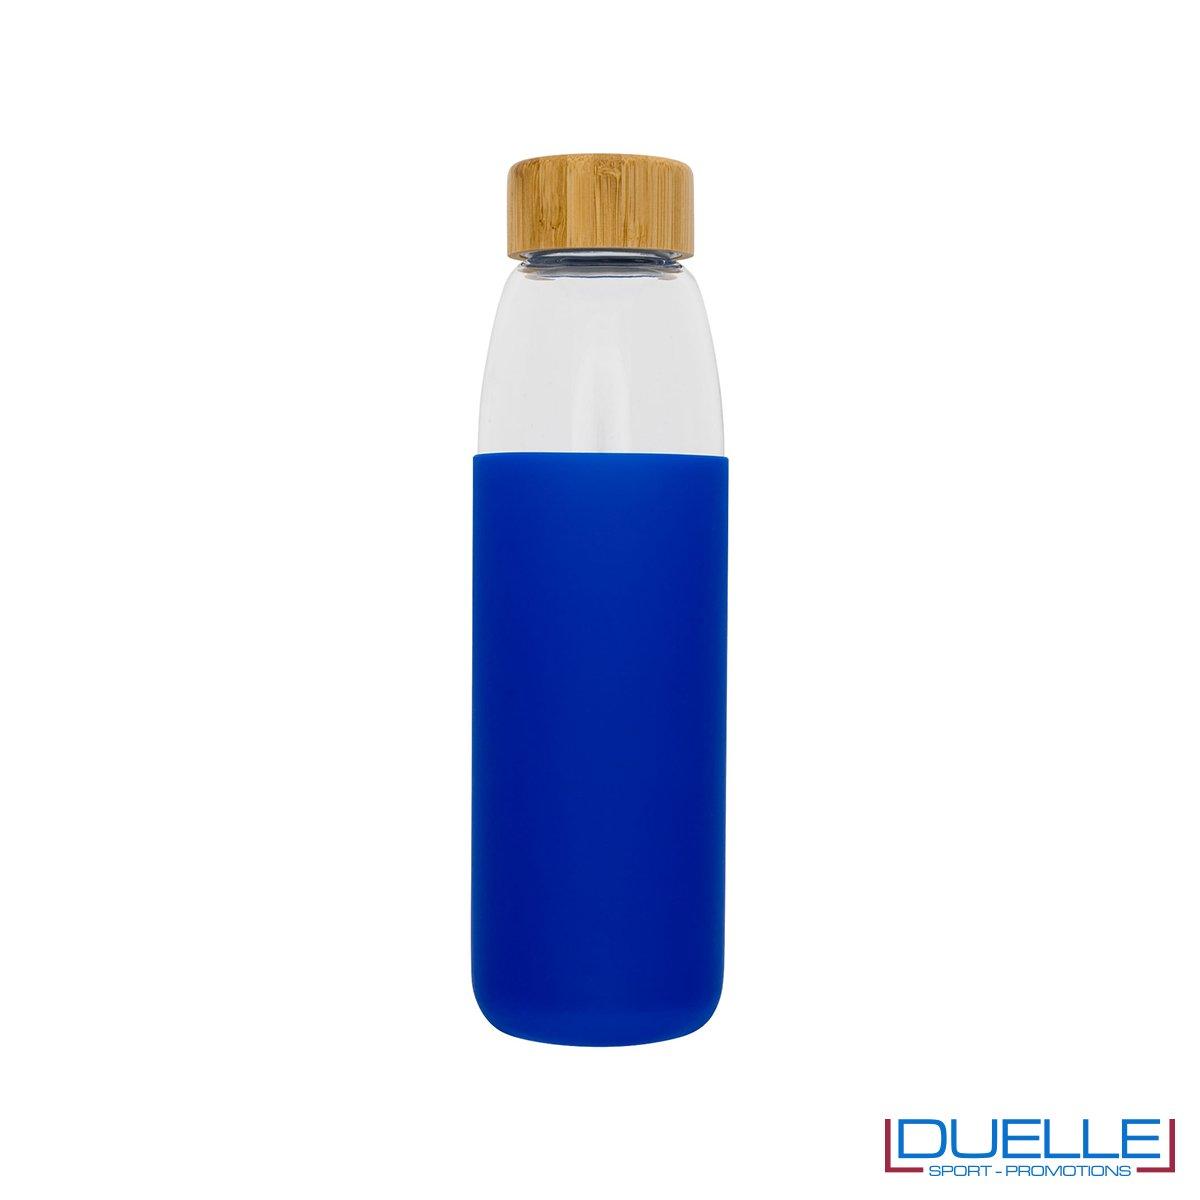 Borraccia vetro con tappo in legno e cover in silicone personalizzata colore blu royal